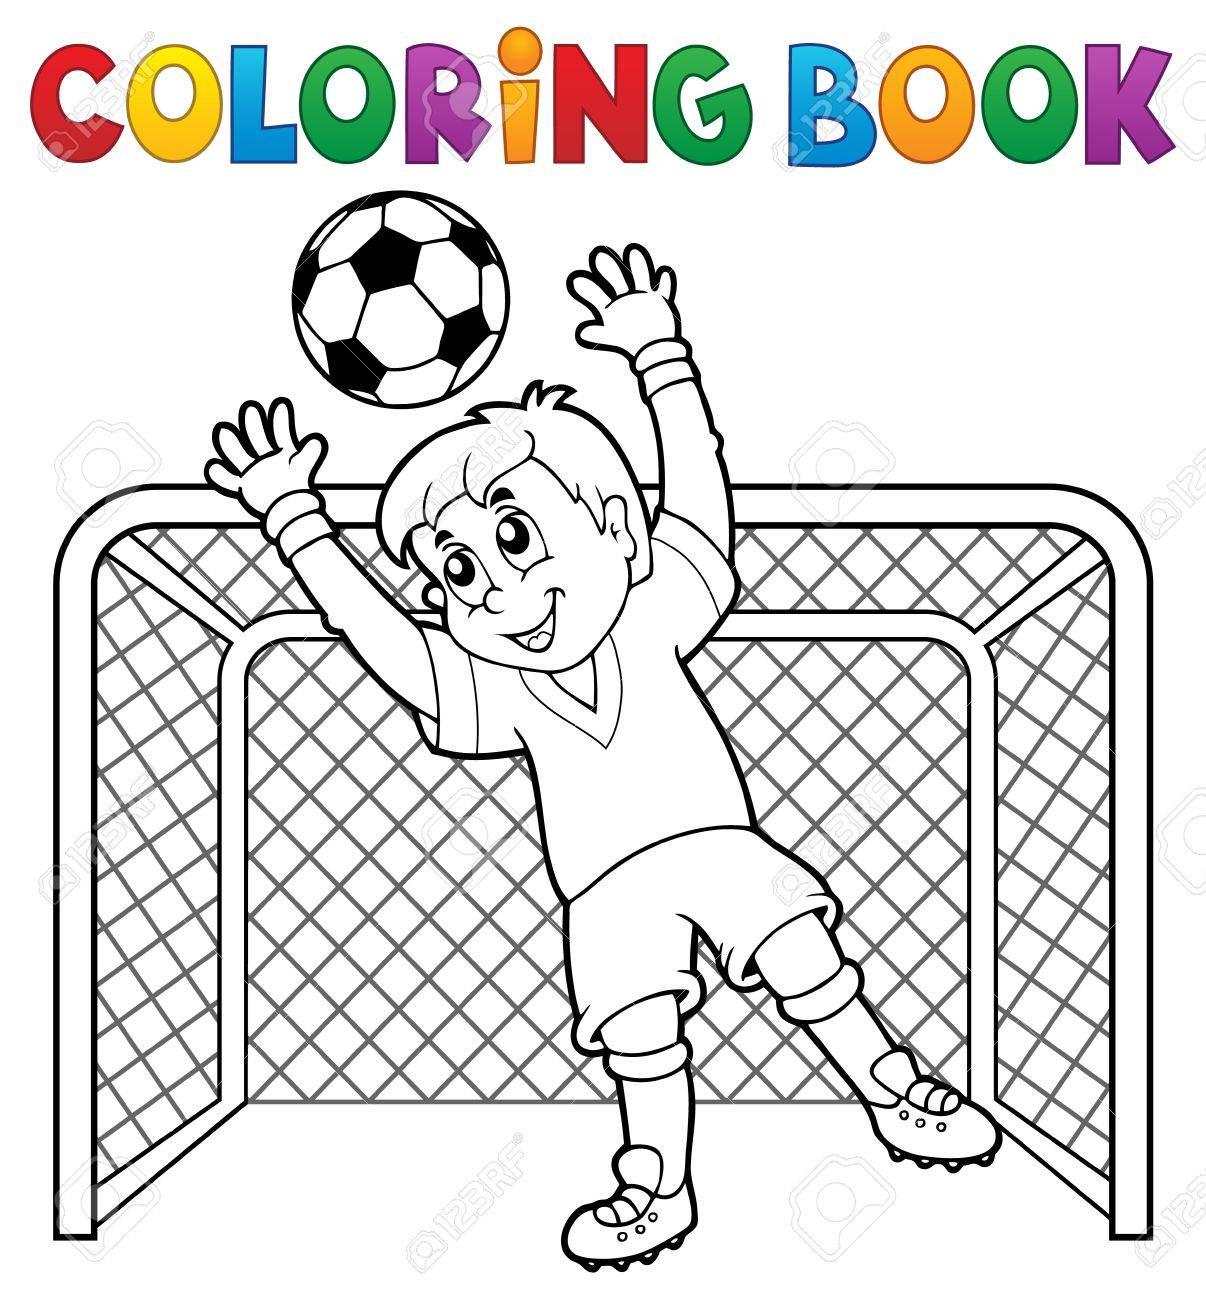 Färbung Buch Fußball Thema 2 - Eps10 Vektor-Illustration. Lizenzfrei ...